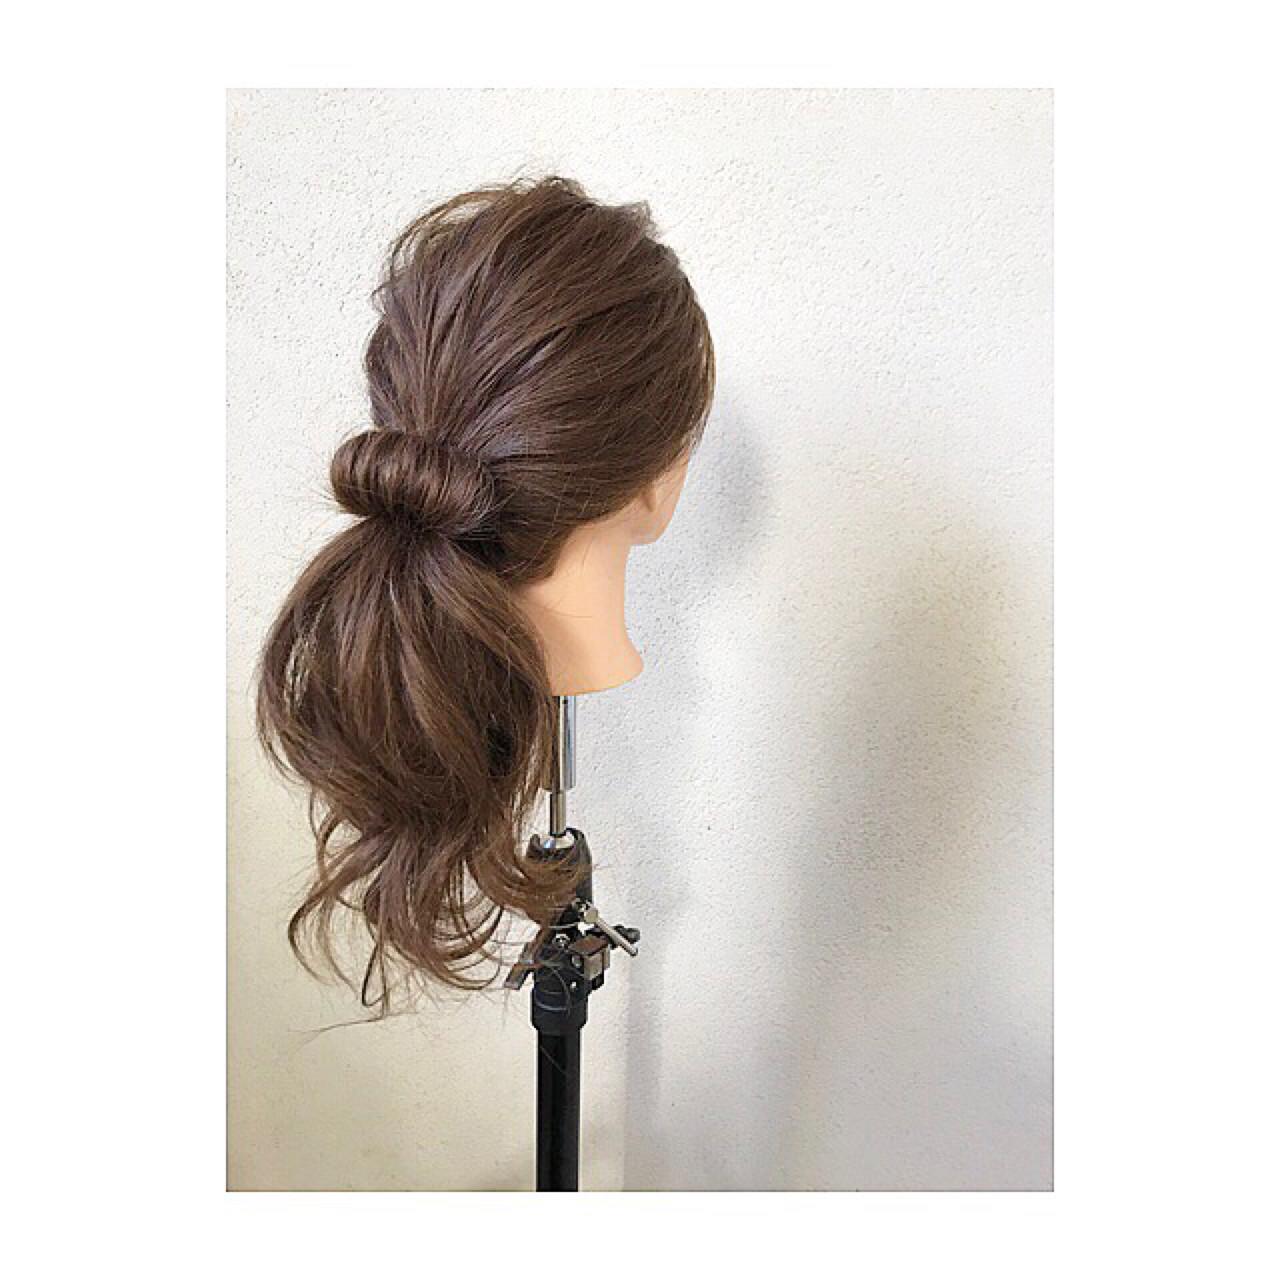 きれいなお姉さんスタイル♪ドーナツポニー オグラタカヒロ  HAIR RESORT THE AMAN GIRL